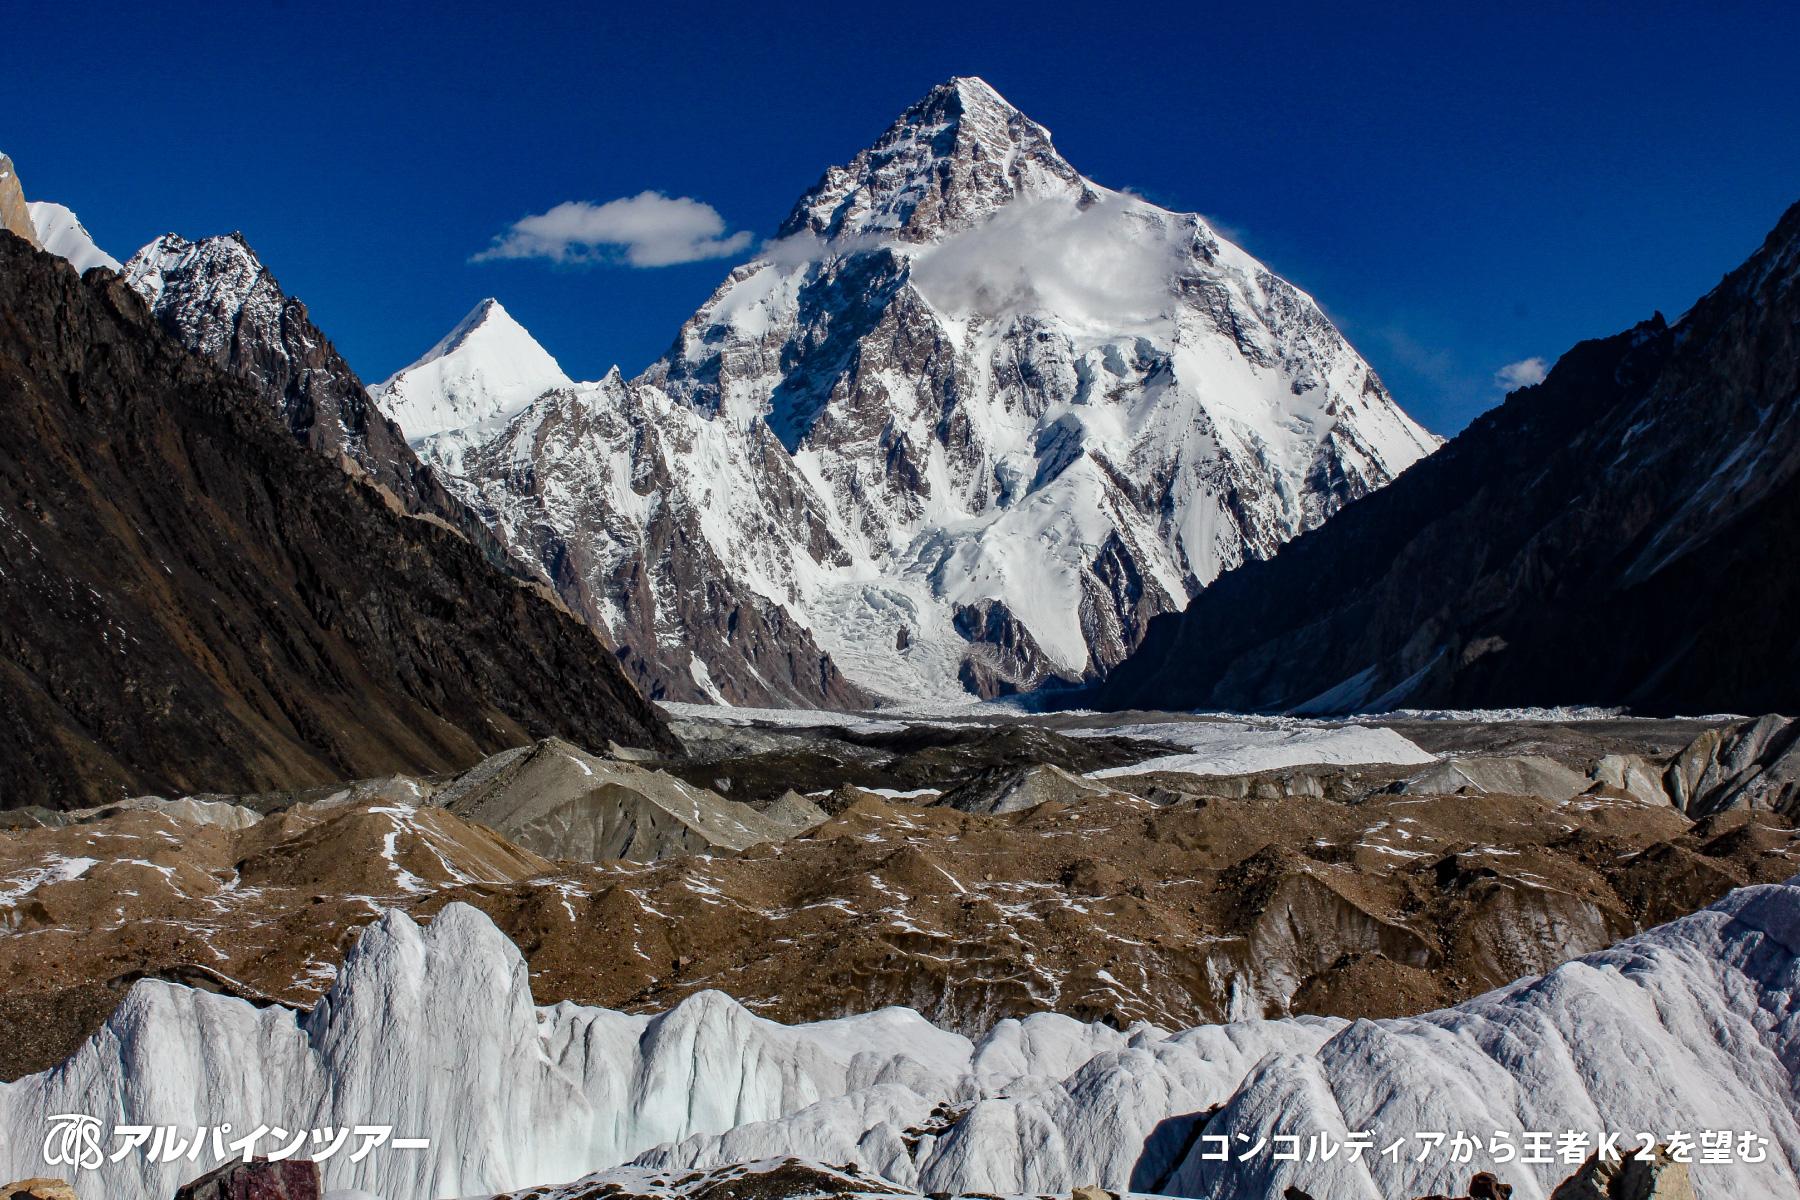 【今日の名峰】 K2(8,611m)